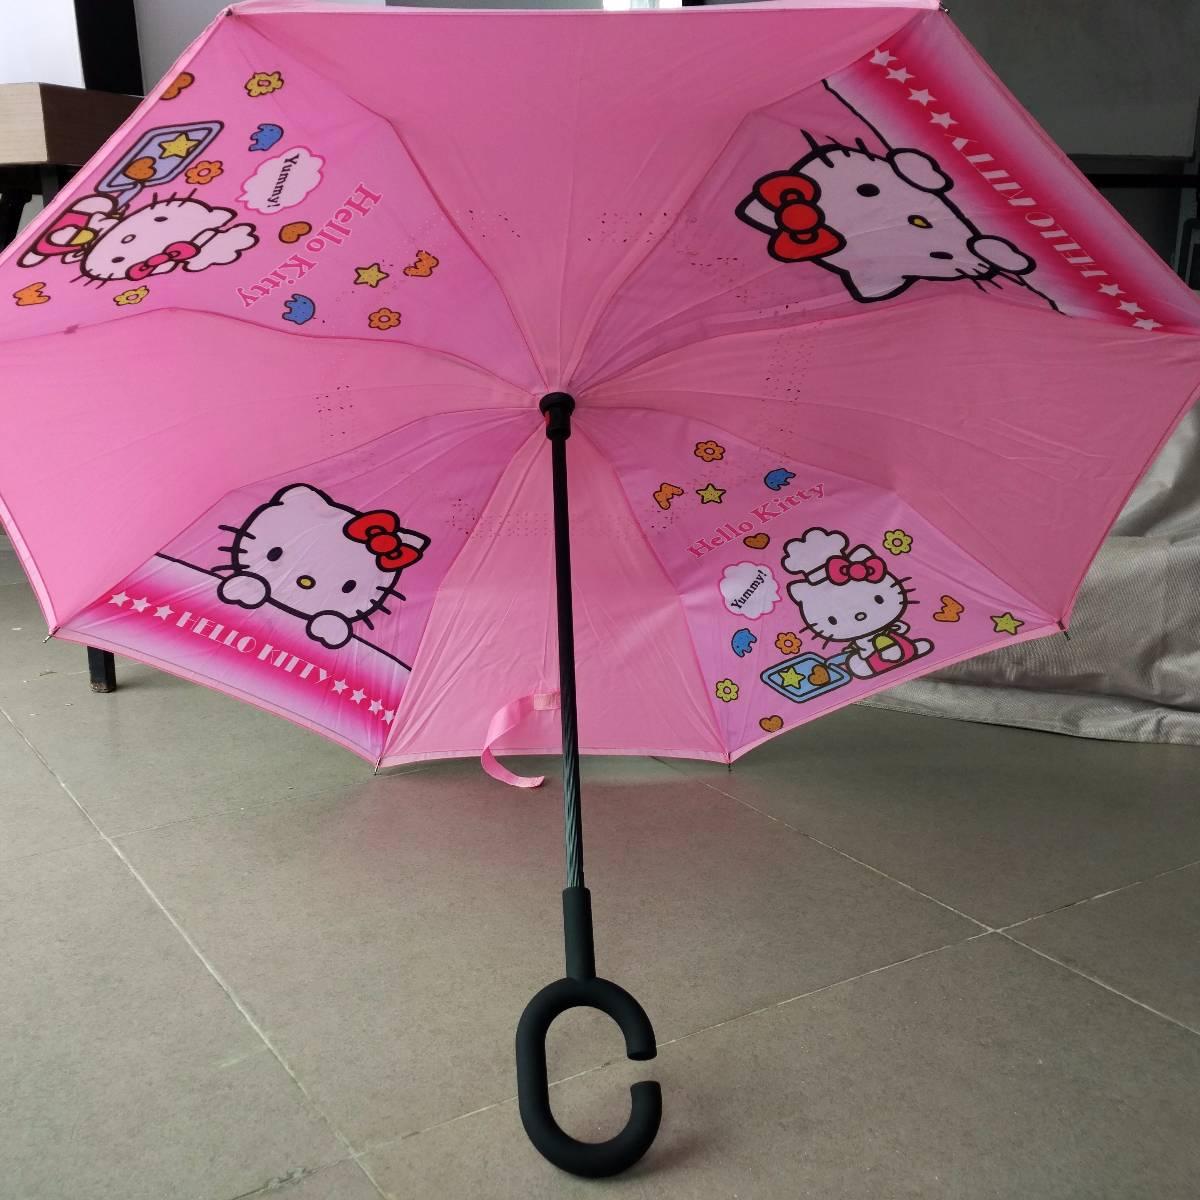 Payung Terbalik Karakter Kartun1